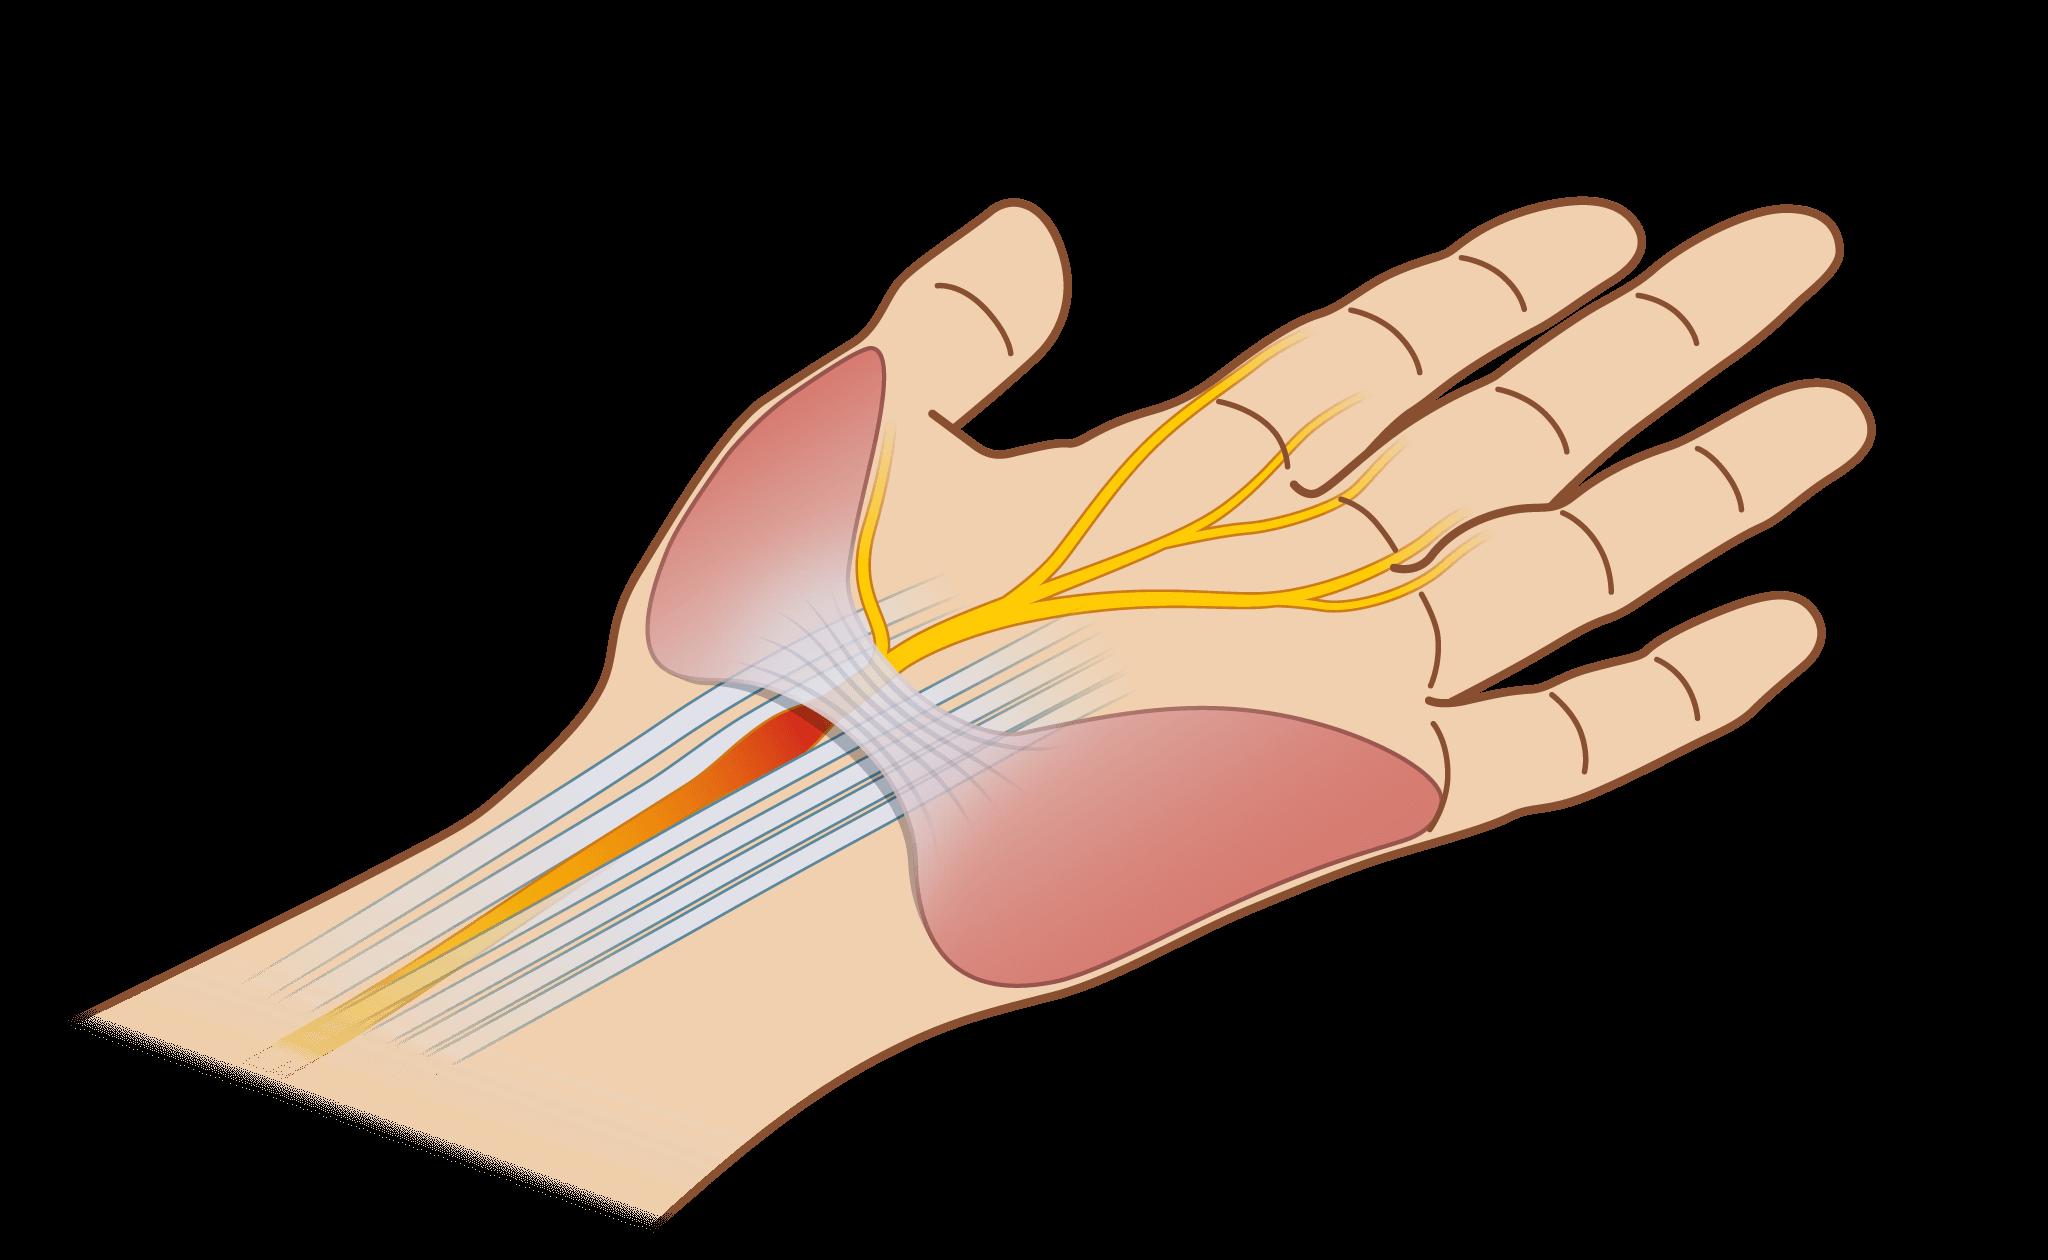 Karpaltunnelsyndrom, schmerzen nach karpaltunnel operation, 8 wochen nach karpaltunnel op schmerzen, stechende schmerzen nach karpaltunnel op, karpaltunnel op schmerzen danach, nach karpaltunnel op wieder schmerzen, schmerzen im handgelenk nach karpaltunnel op, schmerzen nach karpaltunneloperation, nach karpaltunnel op schmerzen, nach karpaltunnel op schmerzen im handgelenk, brennende schmerzen nach karpaltunnel op, beschwerden nach karpaltunnel op, karpaltunnelsyndrom schmerzen nach op, karpaltunnel op danach schmerzen, karpaltunnel schmerzen nach op, karpaltunnel nach op schmerzen, handgelenk schmerzen nach karpaltunnel op, schmerzen in der hand nach karpaltunnel op, schmerzen im daumen nach karpaltunnel op